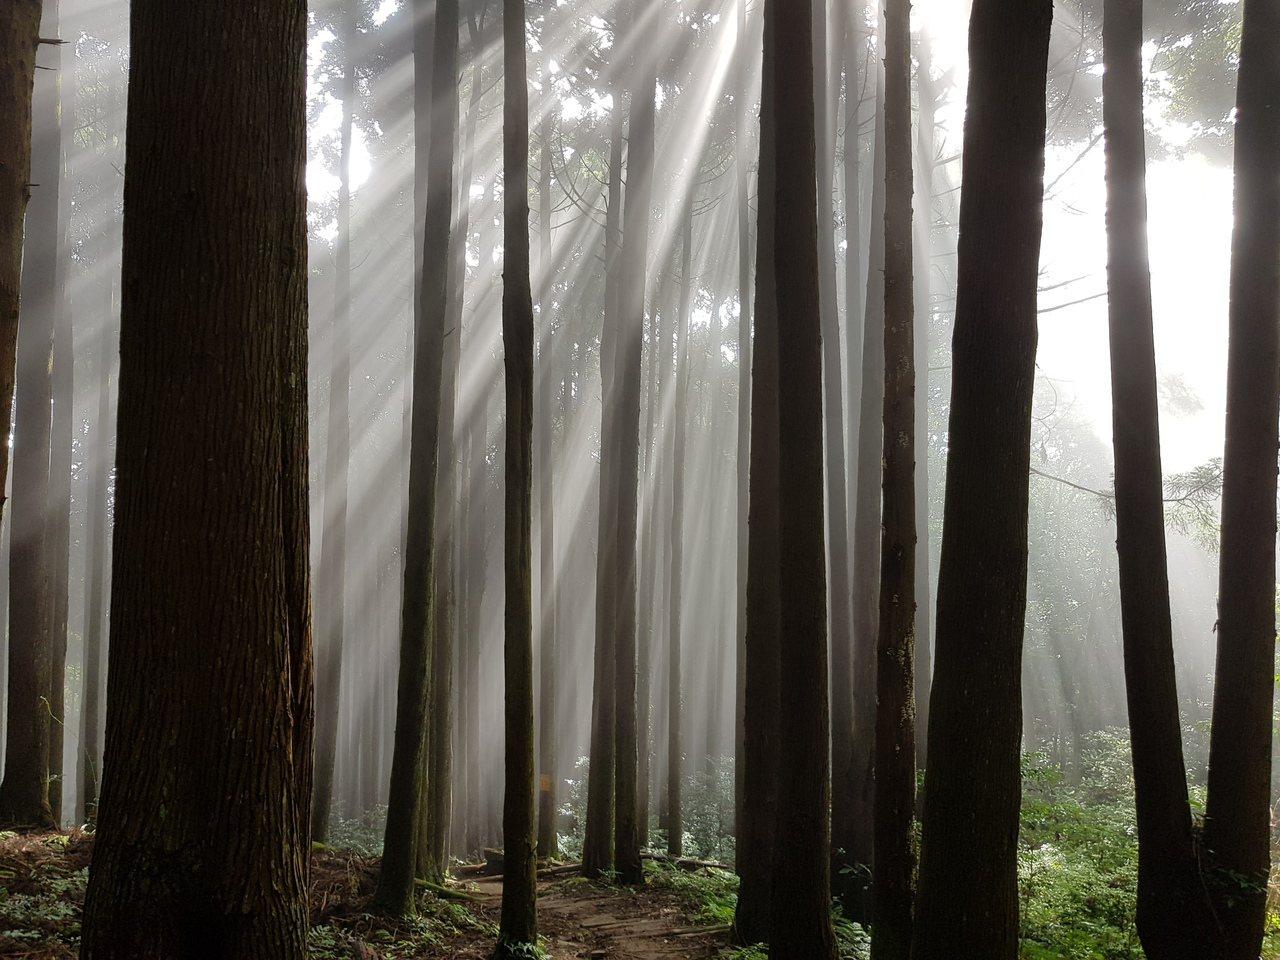 加里山柳杉林山嵐一起有如迷霧森林,陽光斜射林霧間更有如仙境般的夢幻。記者黃瑞典/...